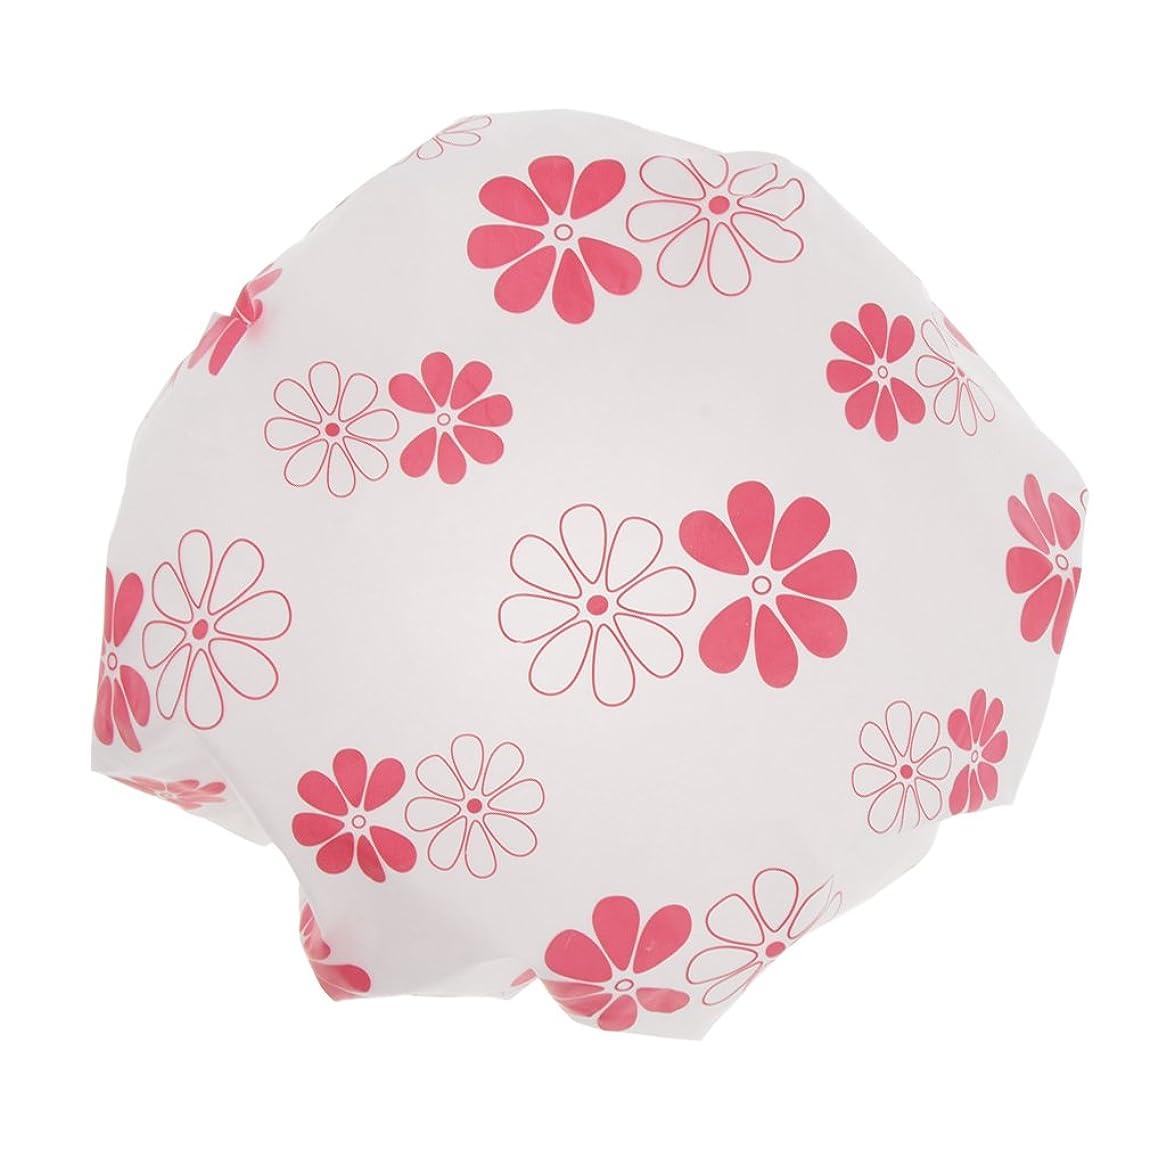 致命的奇跡音声学全3色 シャワーキャップ 可愛い ヘアキャップ 防水帽 入浴キャップ 帽子 お風呂 シャワー 弾性 再使用可 - ピンク